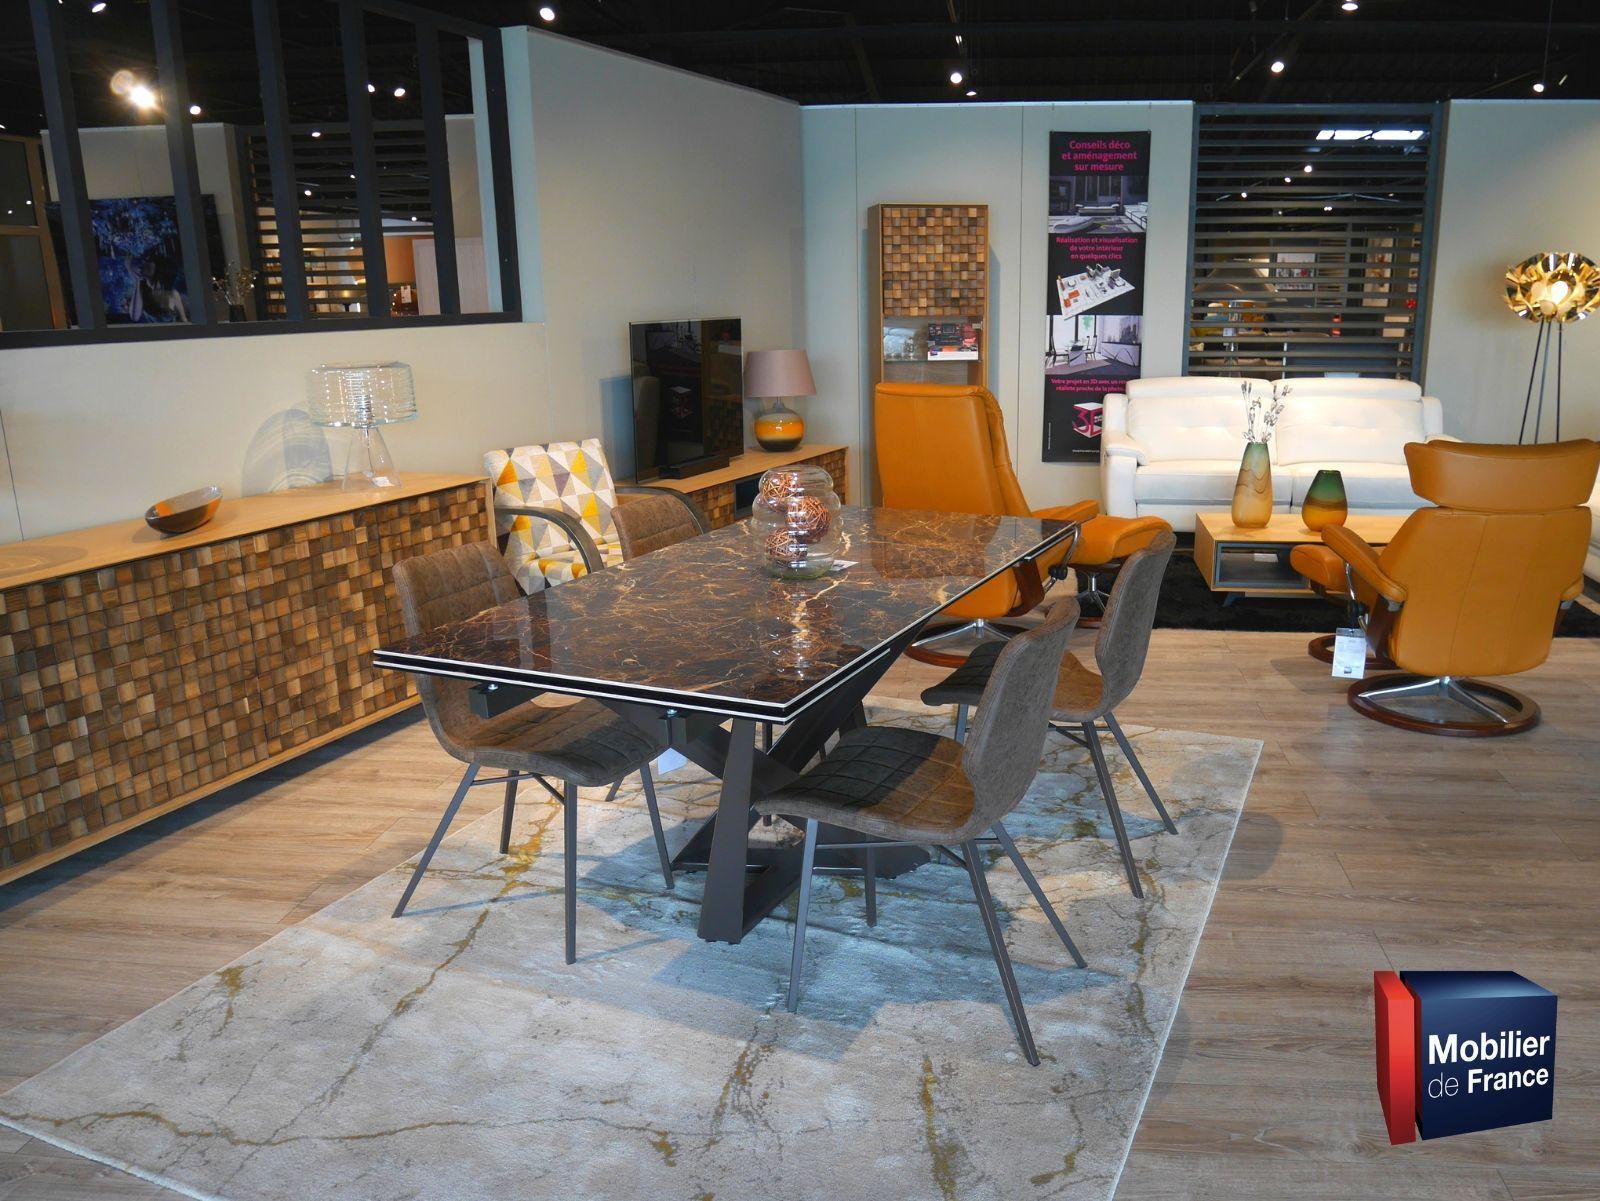 13 idees de mobilier de france